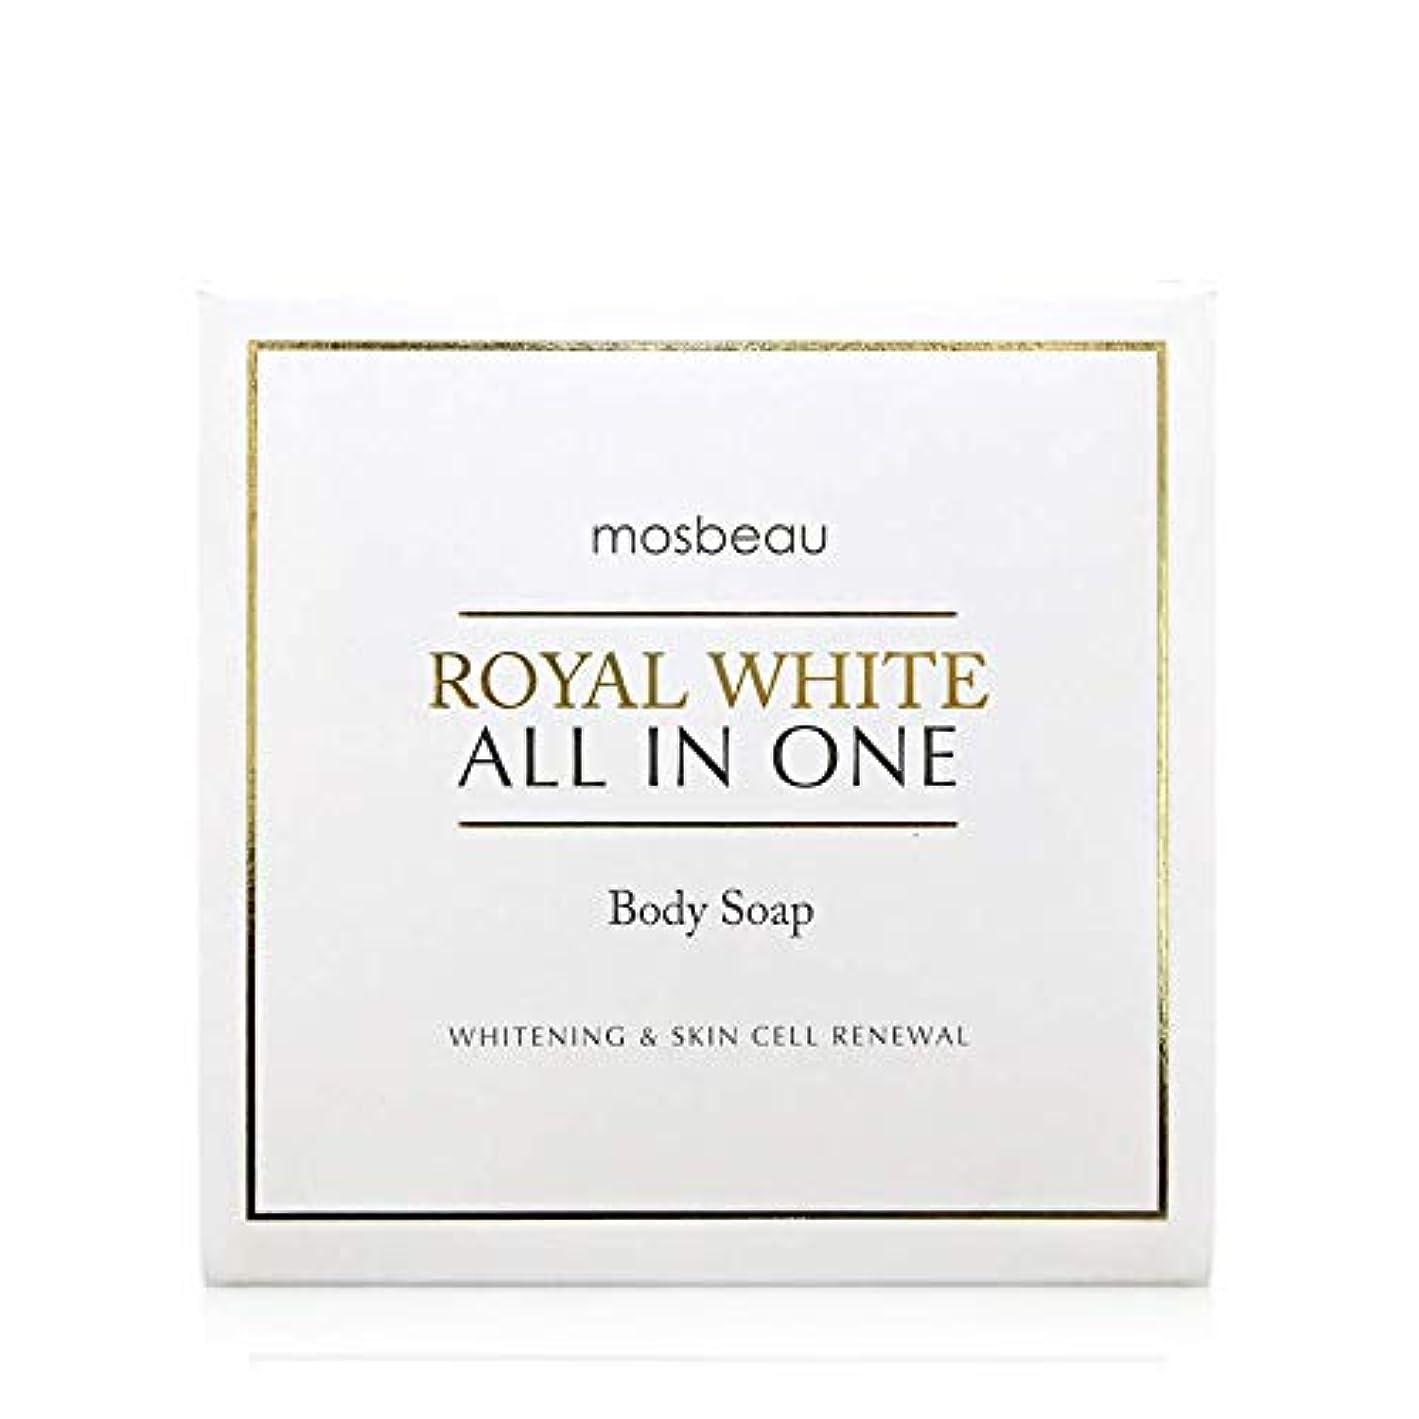 トークン救援爆発物mosbeau ROYAL WHITE ALL-IN-ONE BODY SOAP 100g ロィヤルホワイトオールインワンボディーソープ